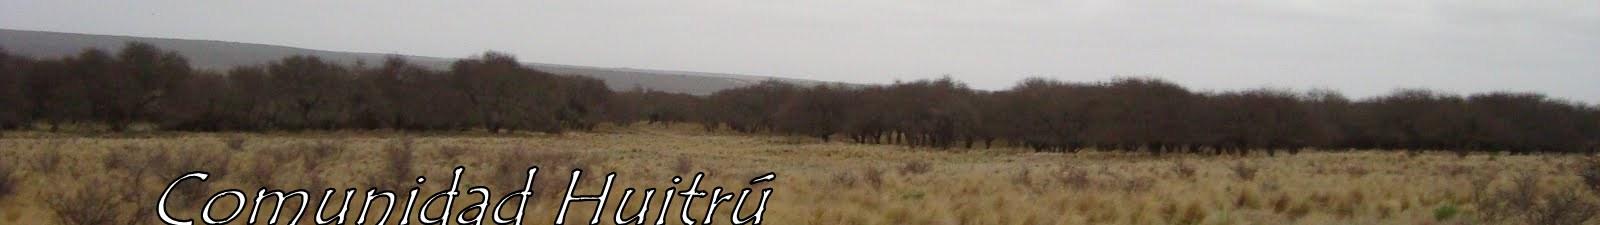 Comunidad Huitru